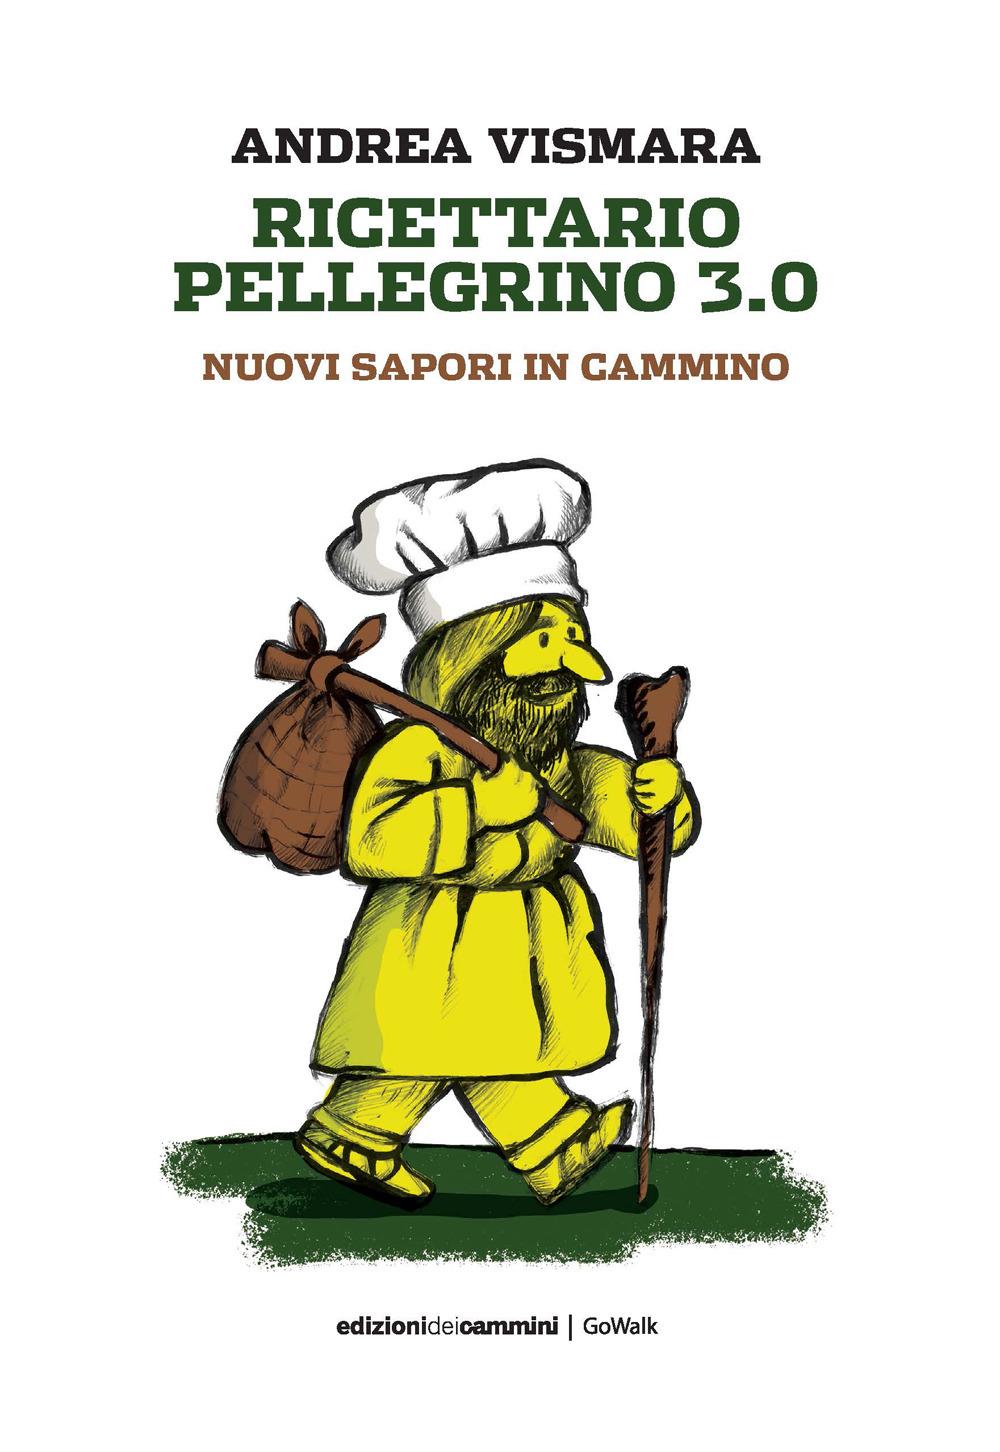 RICETTE IN CAMMINO. IL NUOVO RICETTARIO PELLEGRINO - Vismara Andrea - 9788899240530